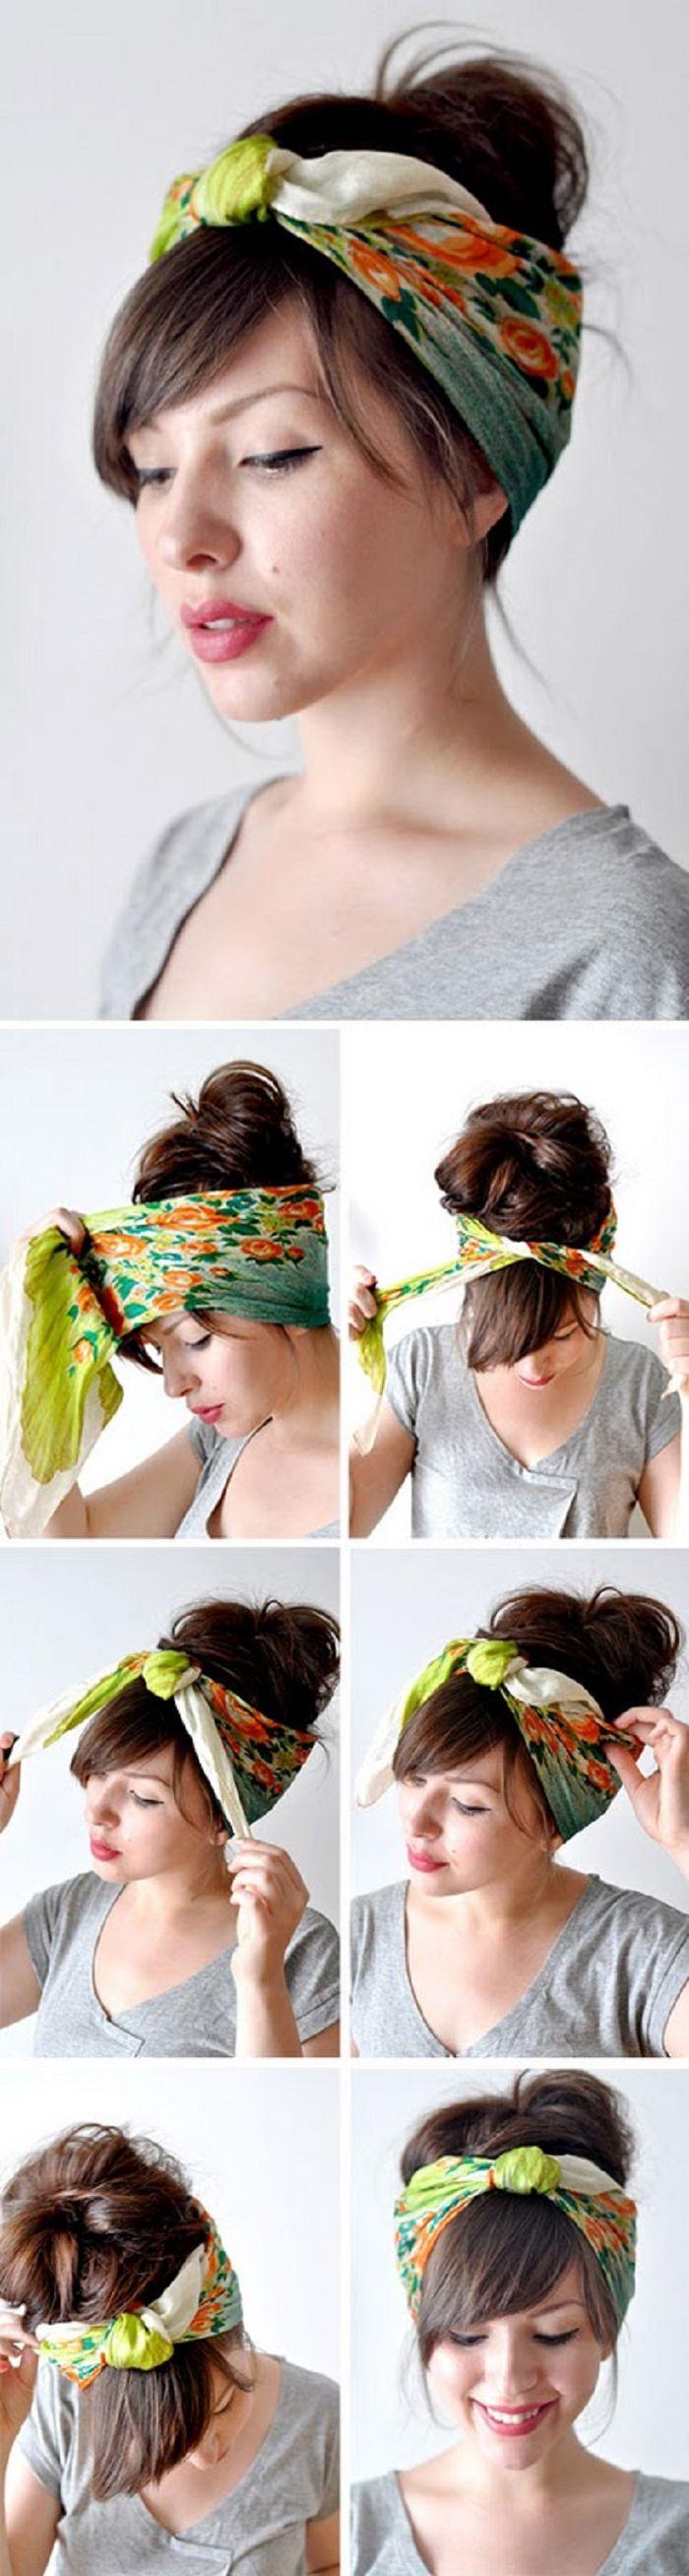 30 consejos de estilo sobre cómo atar y usar pañuelo de una manera refrescante y diferente en verano